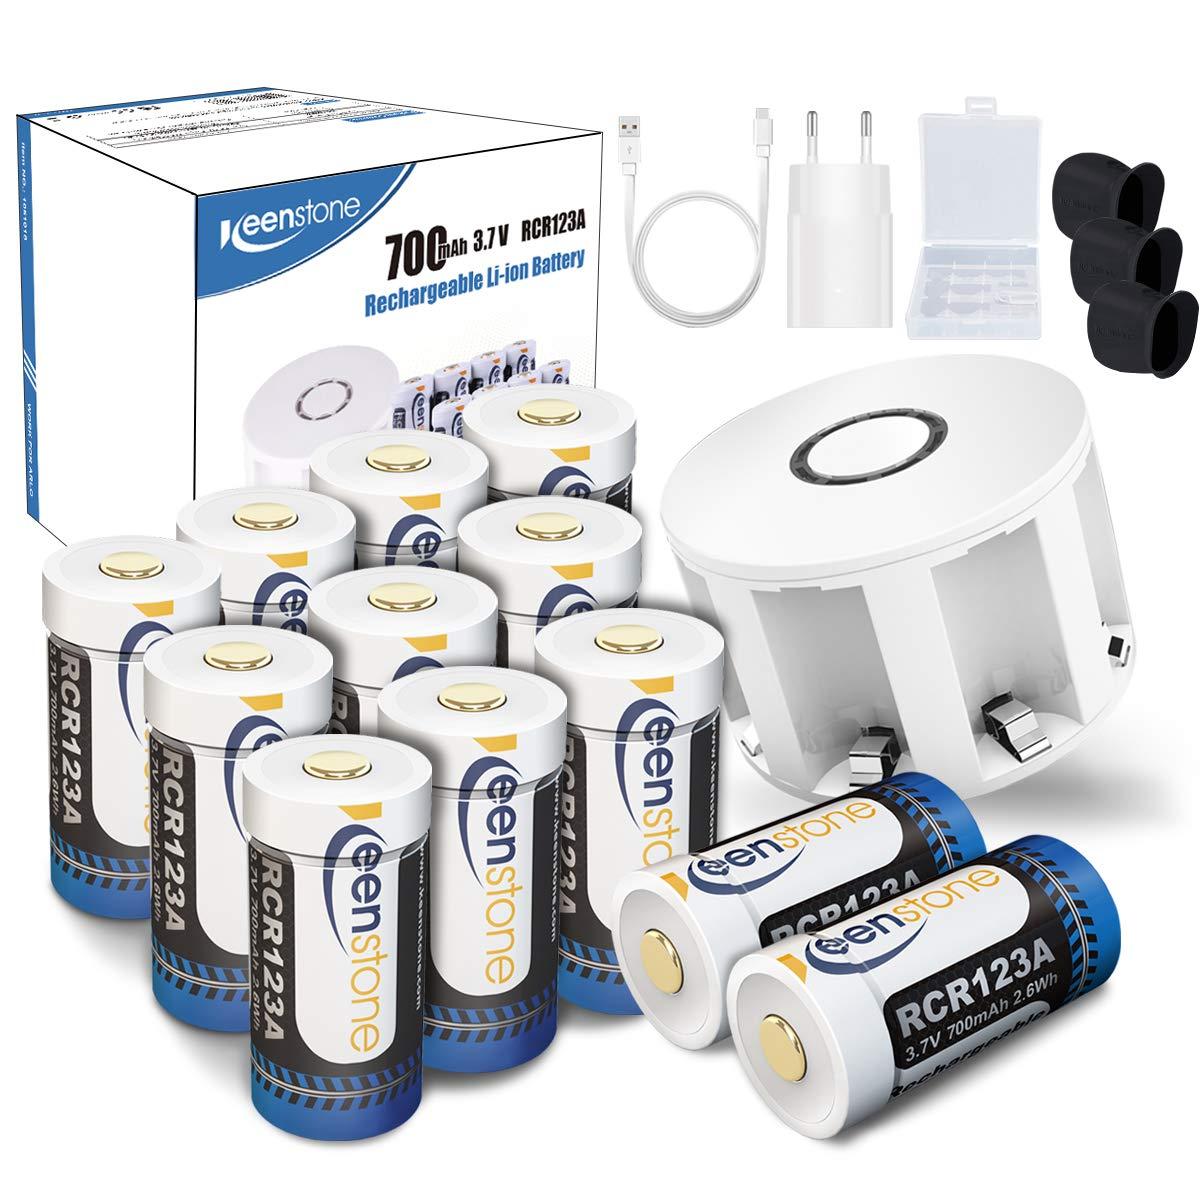 RCR123A Arlo Cam/éra Batterie Rechargeable,Keenstone CR123A CR123 Piles Li-ION 3.7V 700mAh Id/éal pour Arlo Cam/éra VMS3030//3130//3230//3330//3430 avec Housse en Silicone(4PCS)